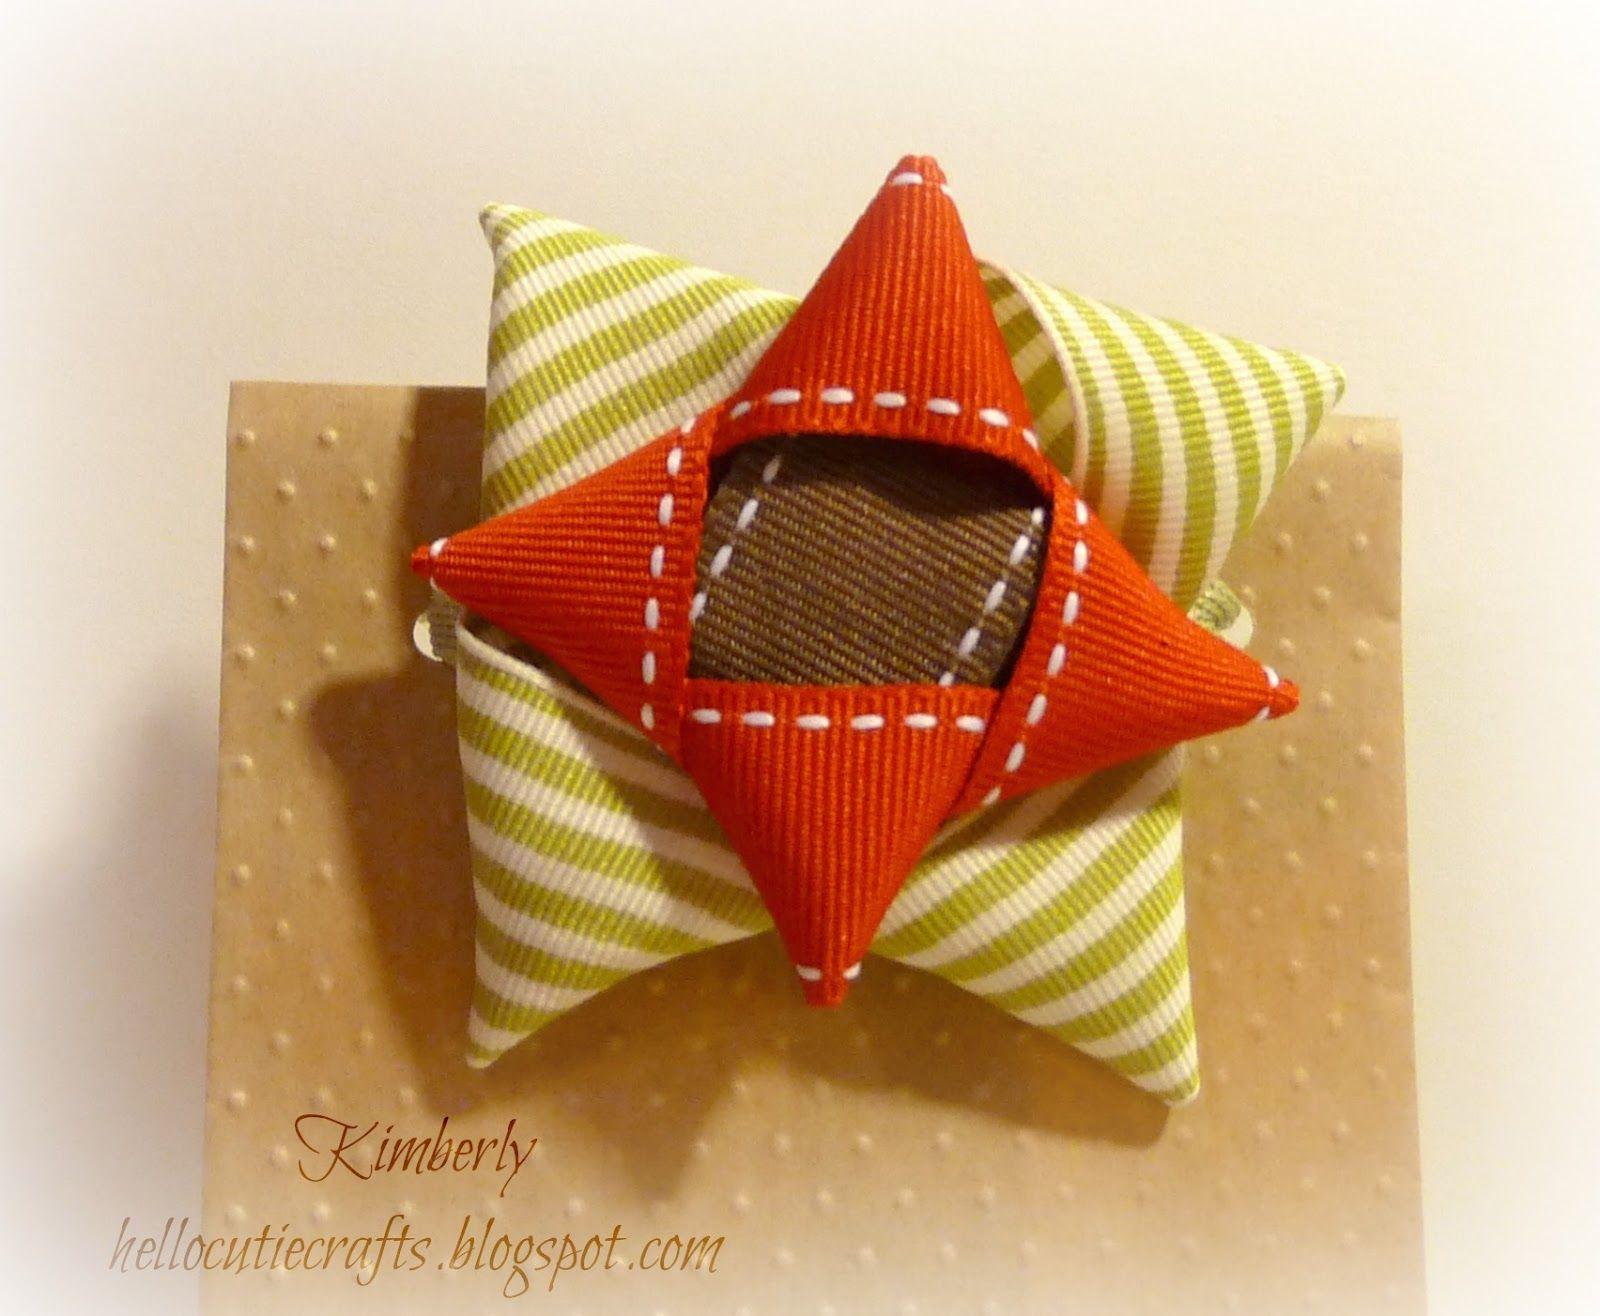 Kimberly's Crafty Spot: Ribbon Scraps Bow tutorial